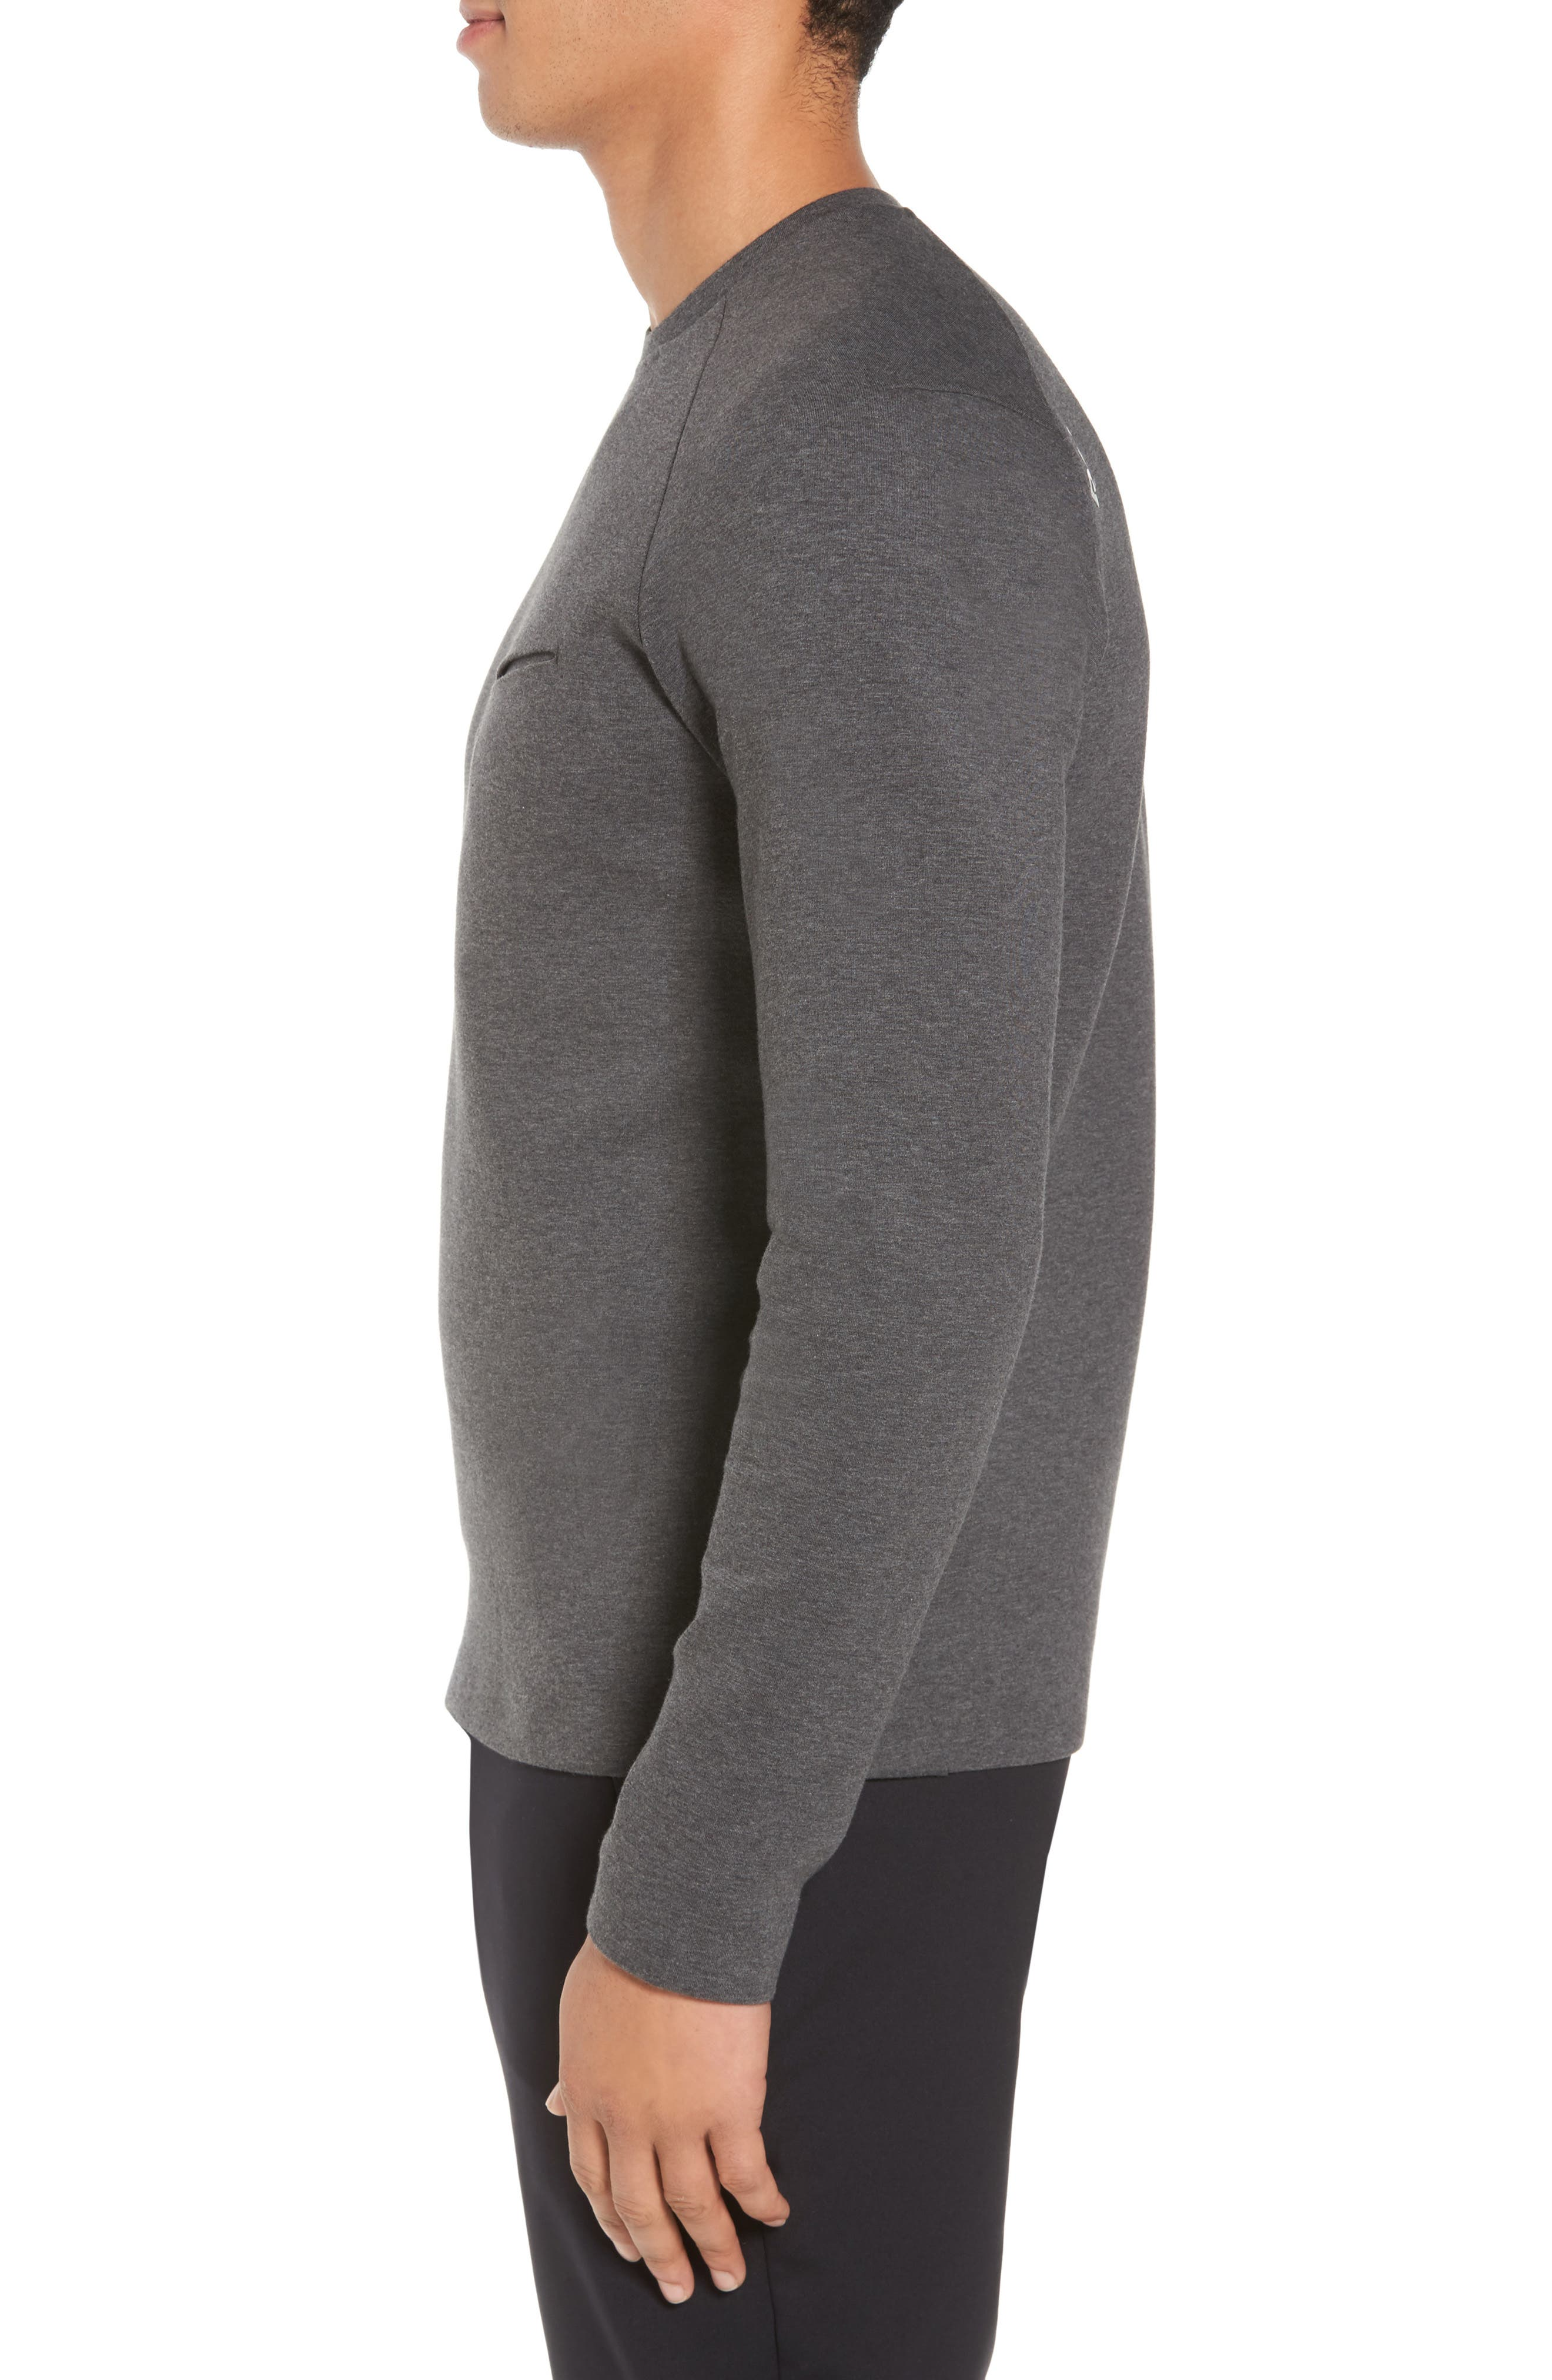 Ethos Cotton Blend Sweater,                             Alternate thumbnail 3, color,                             021